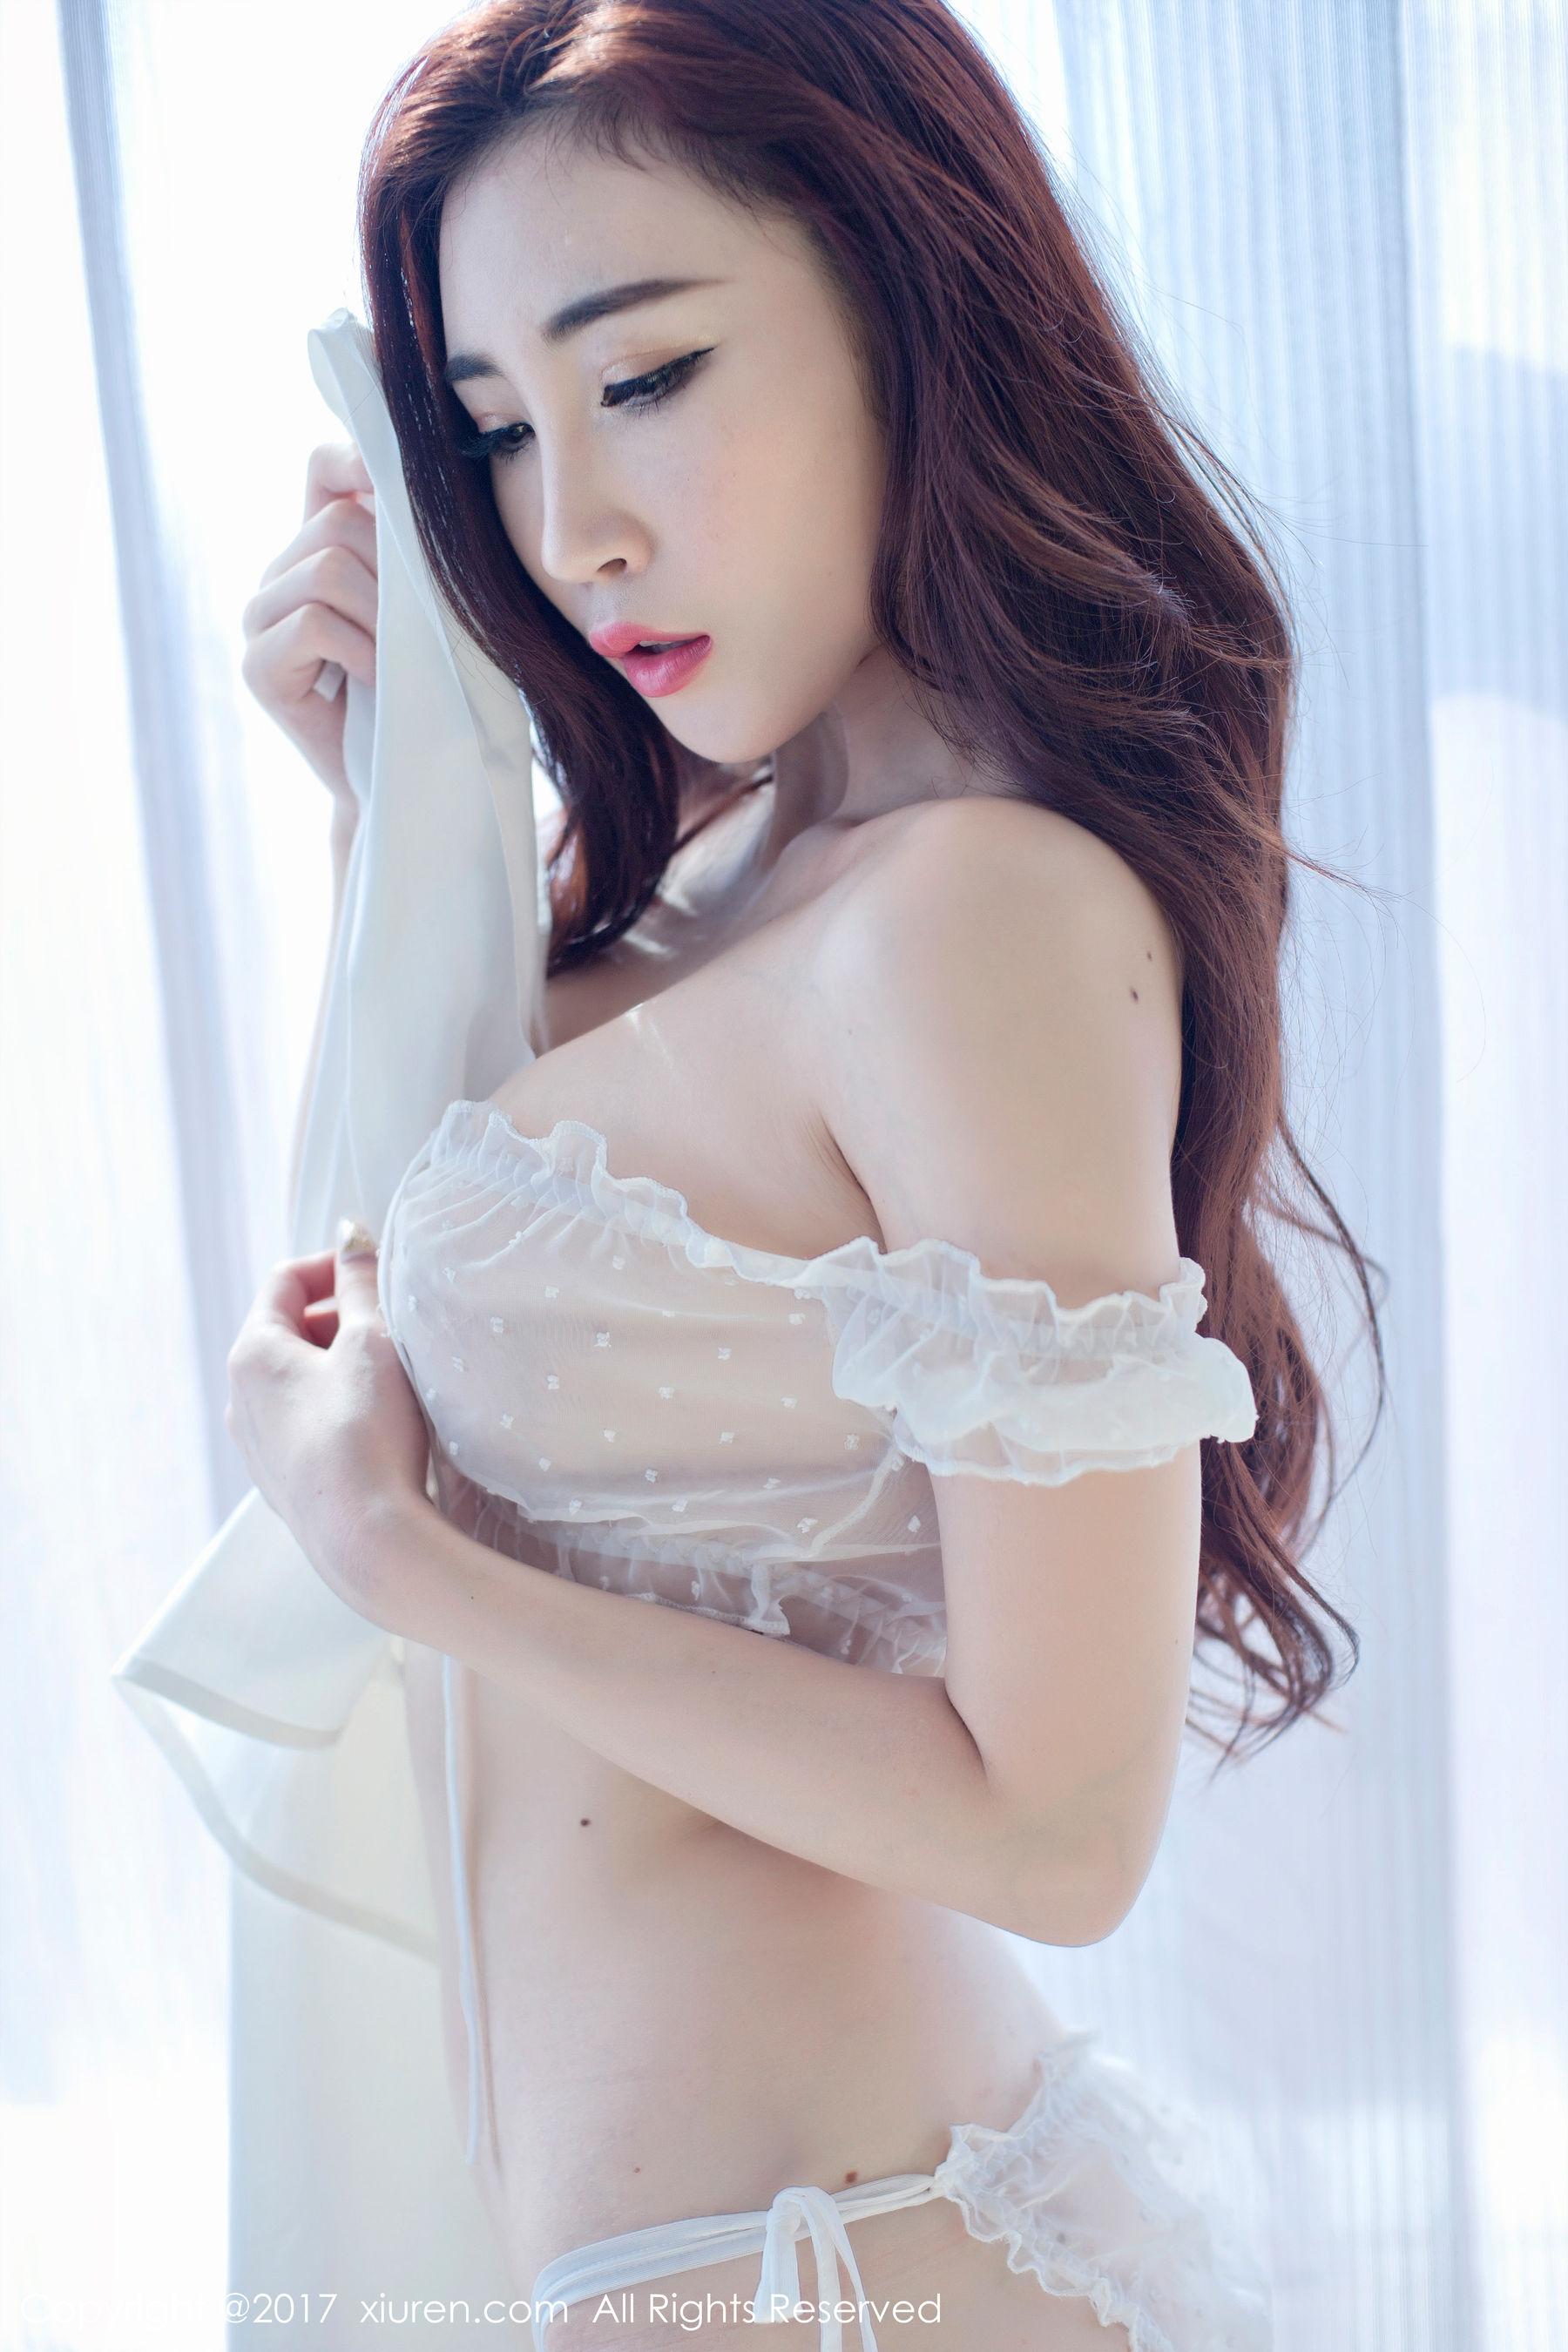 孙梦瑶V蕾丝透明纱衣+黑色镂空文胸-第10张图片-哔哔娱乐网